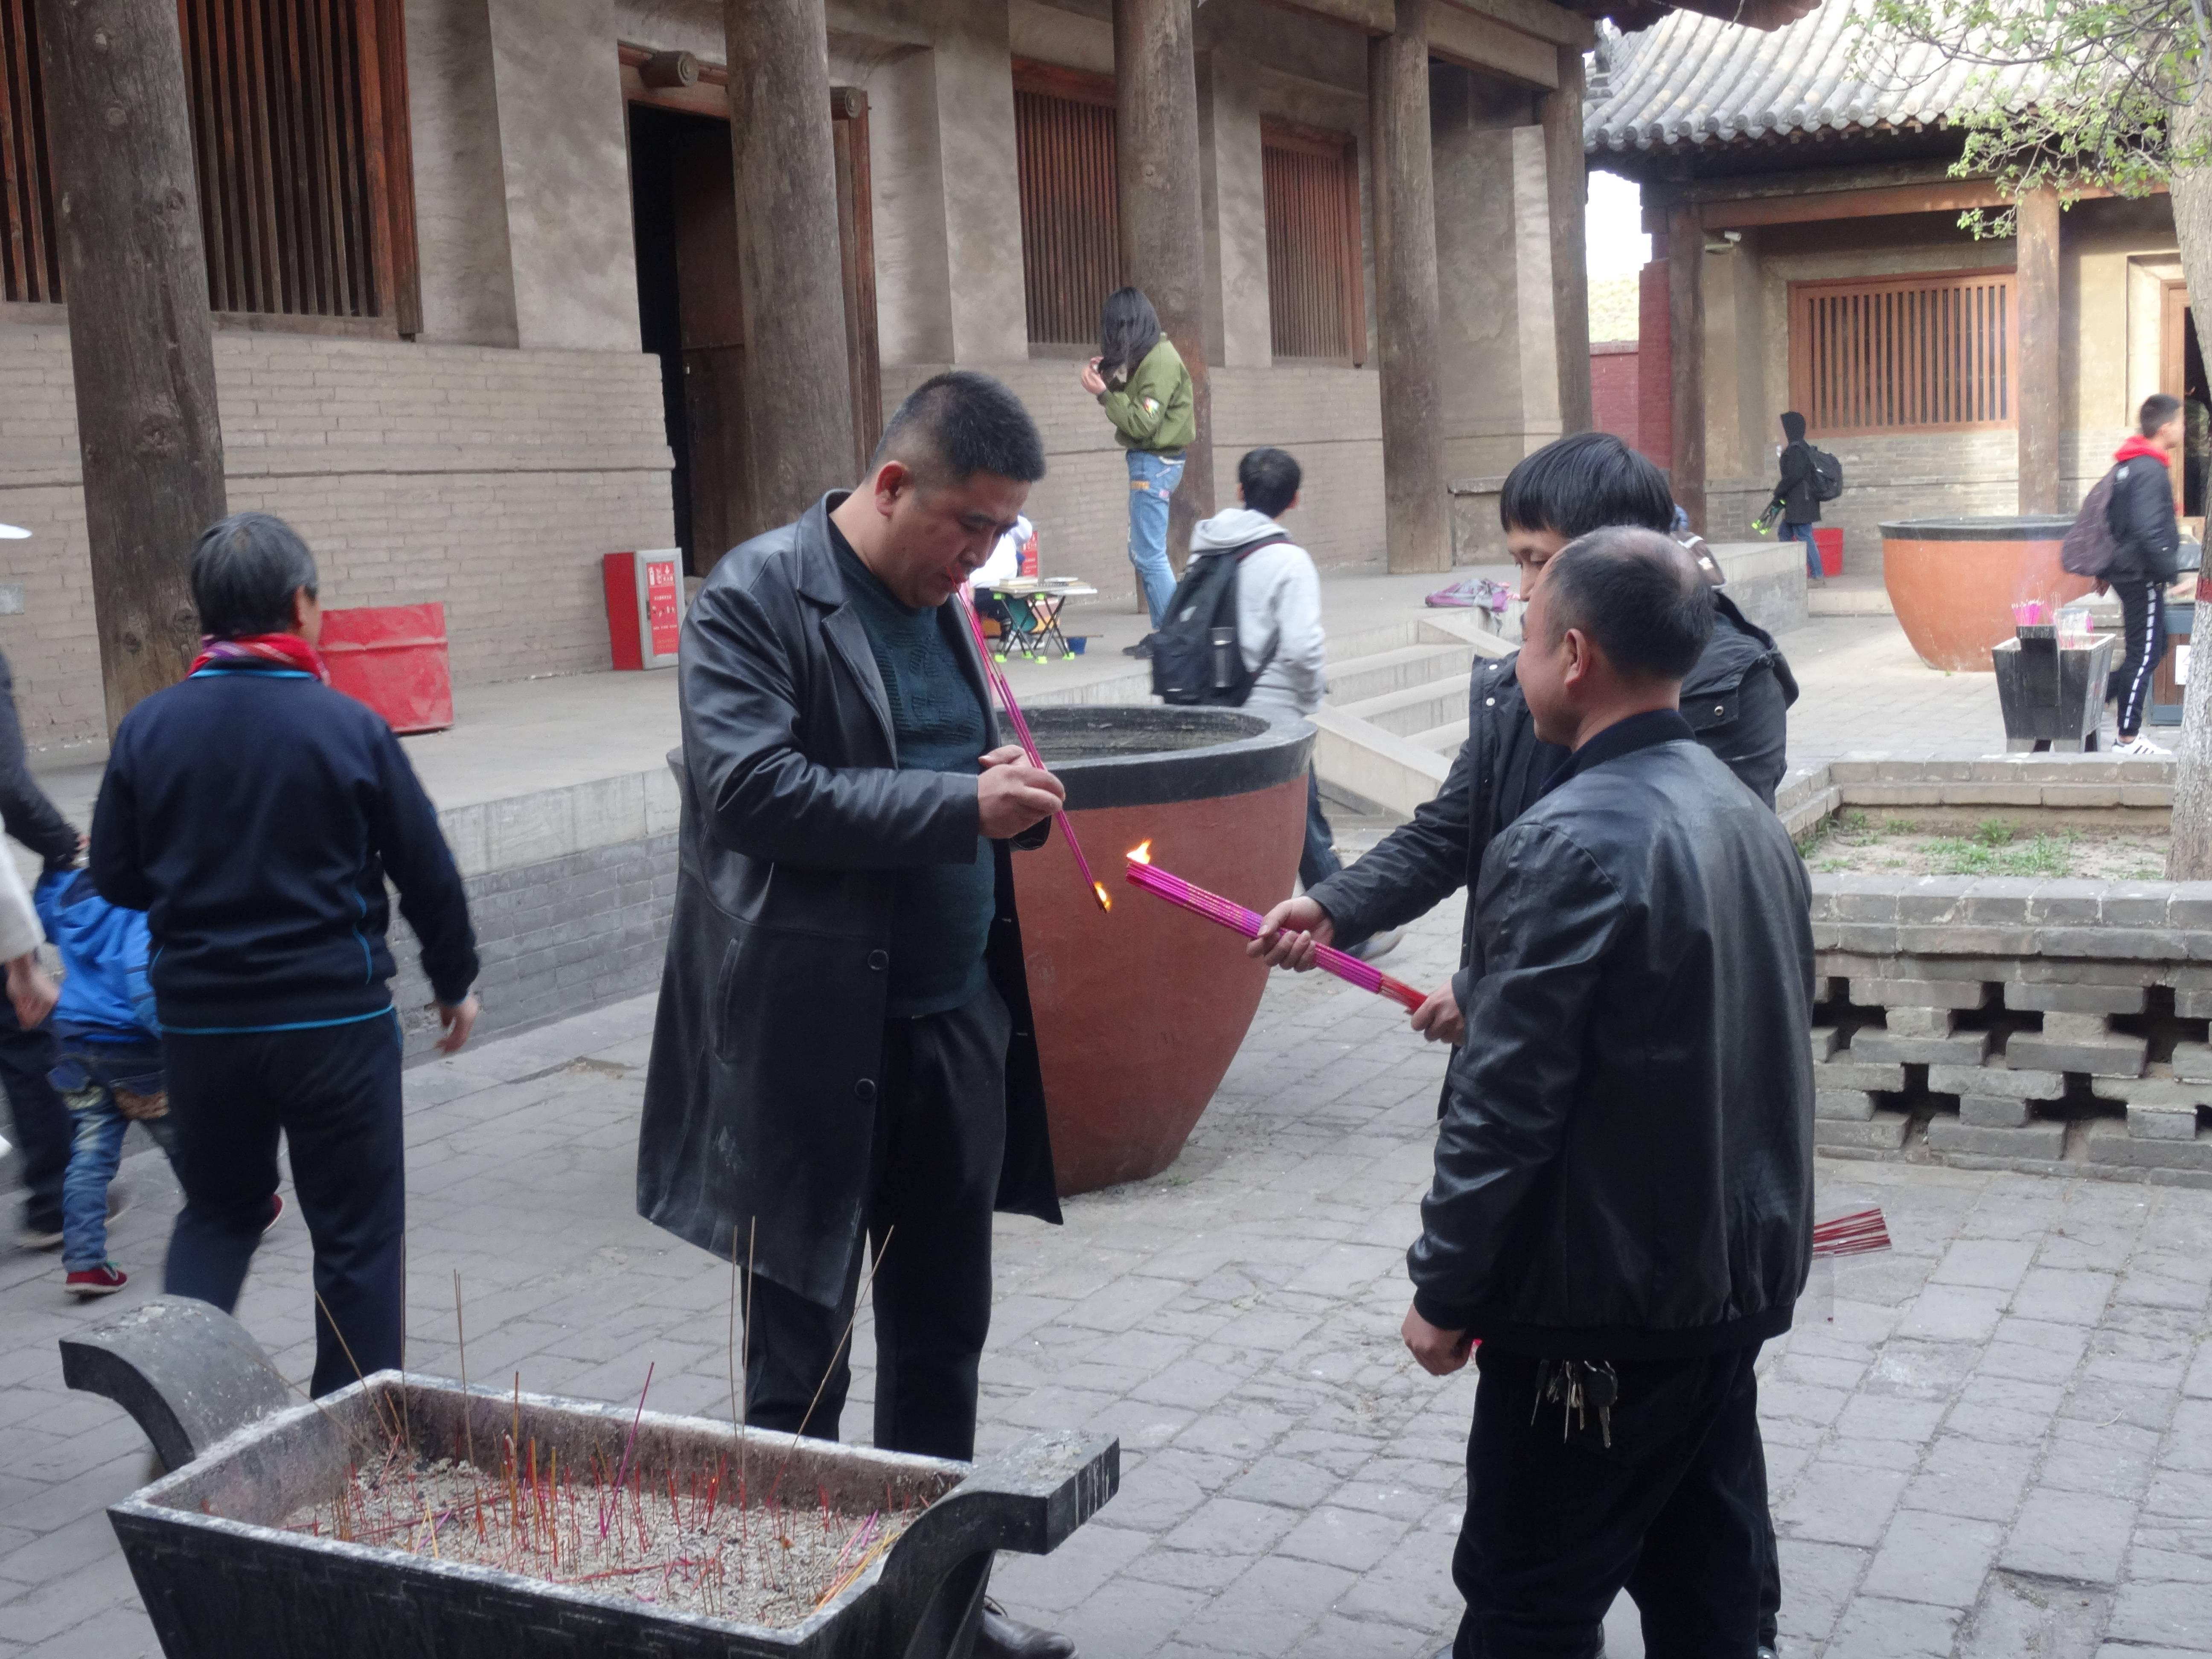 Photo 2: Temple Shuanglin à Pingyao, Chine. Enfin un endroit rempli de quiétude.....